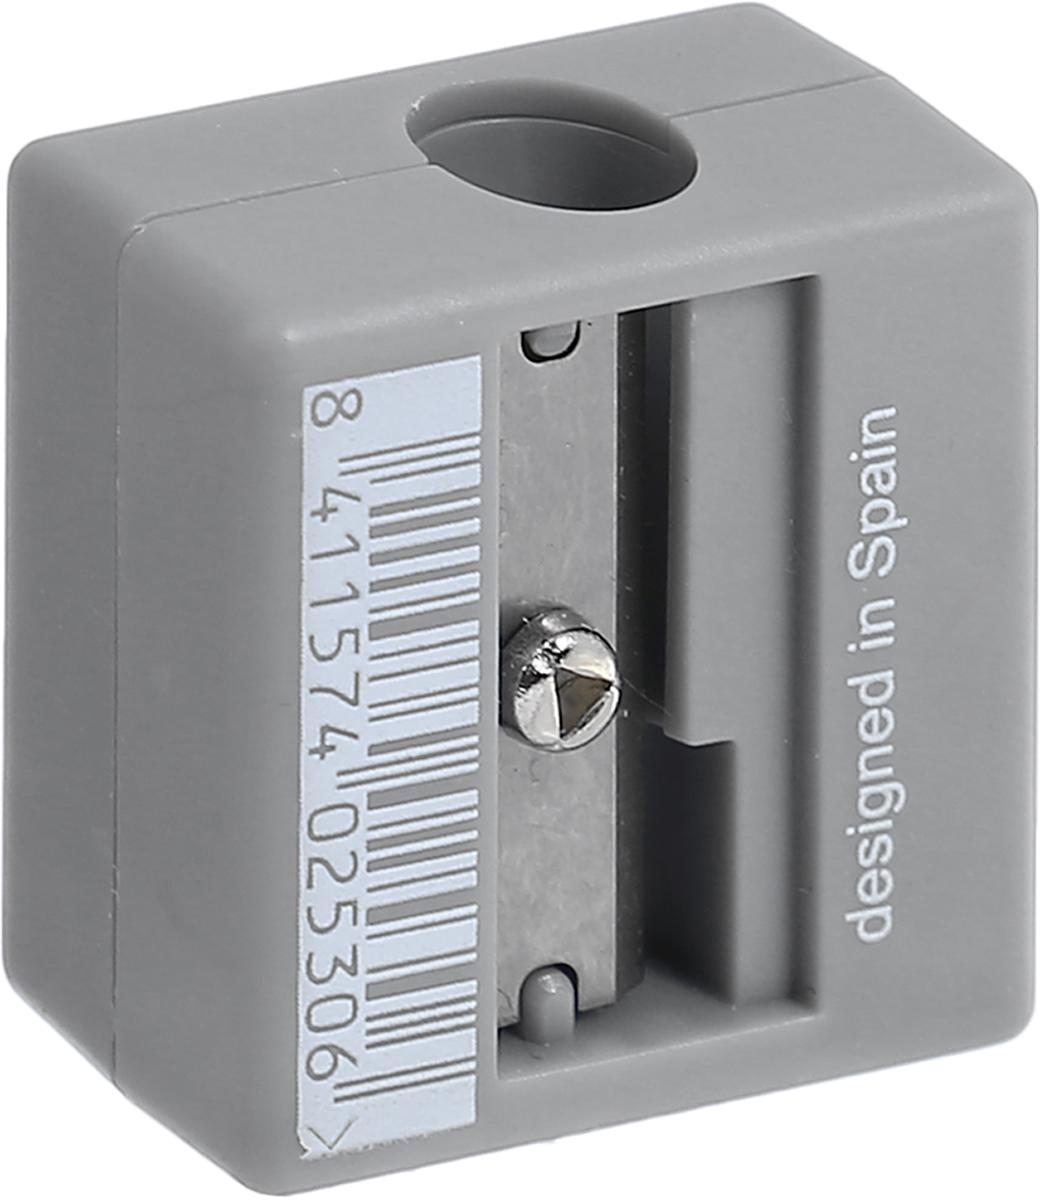 Компактная точилка Milan Afila оснащена безопасной системой заточки.Эта система предотвращает отделение лезвия от точилки. Идеально подходит для использования в школах. Стальное лезвие острое и устойчиво к повреждению. Идеально подходит для заточки графитовых и цветных карандашей